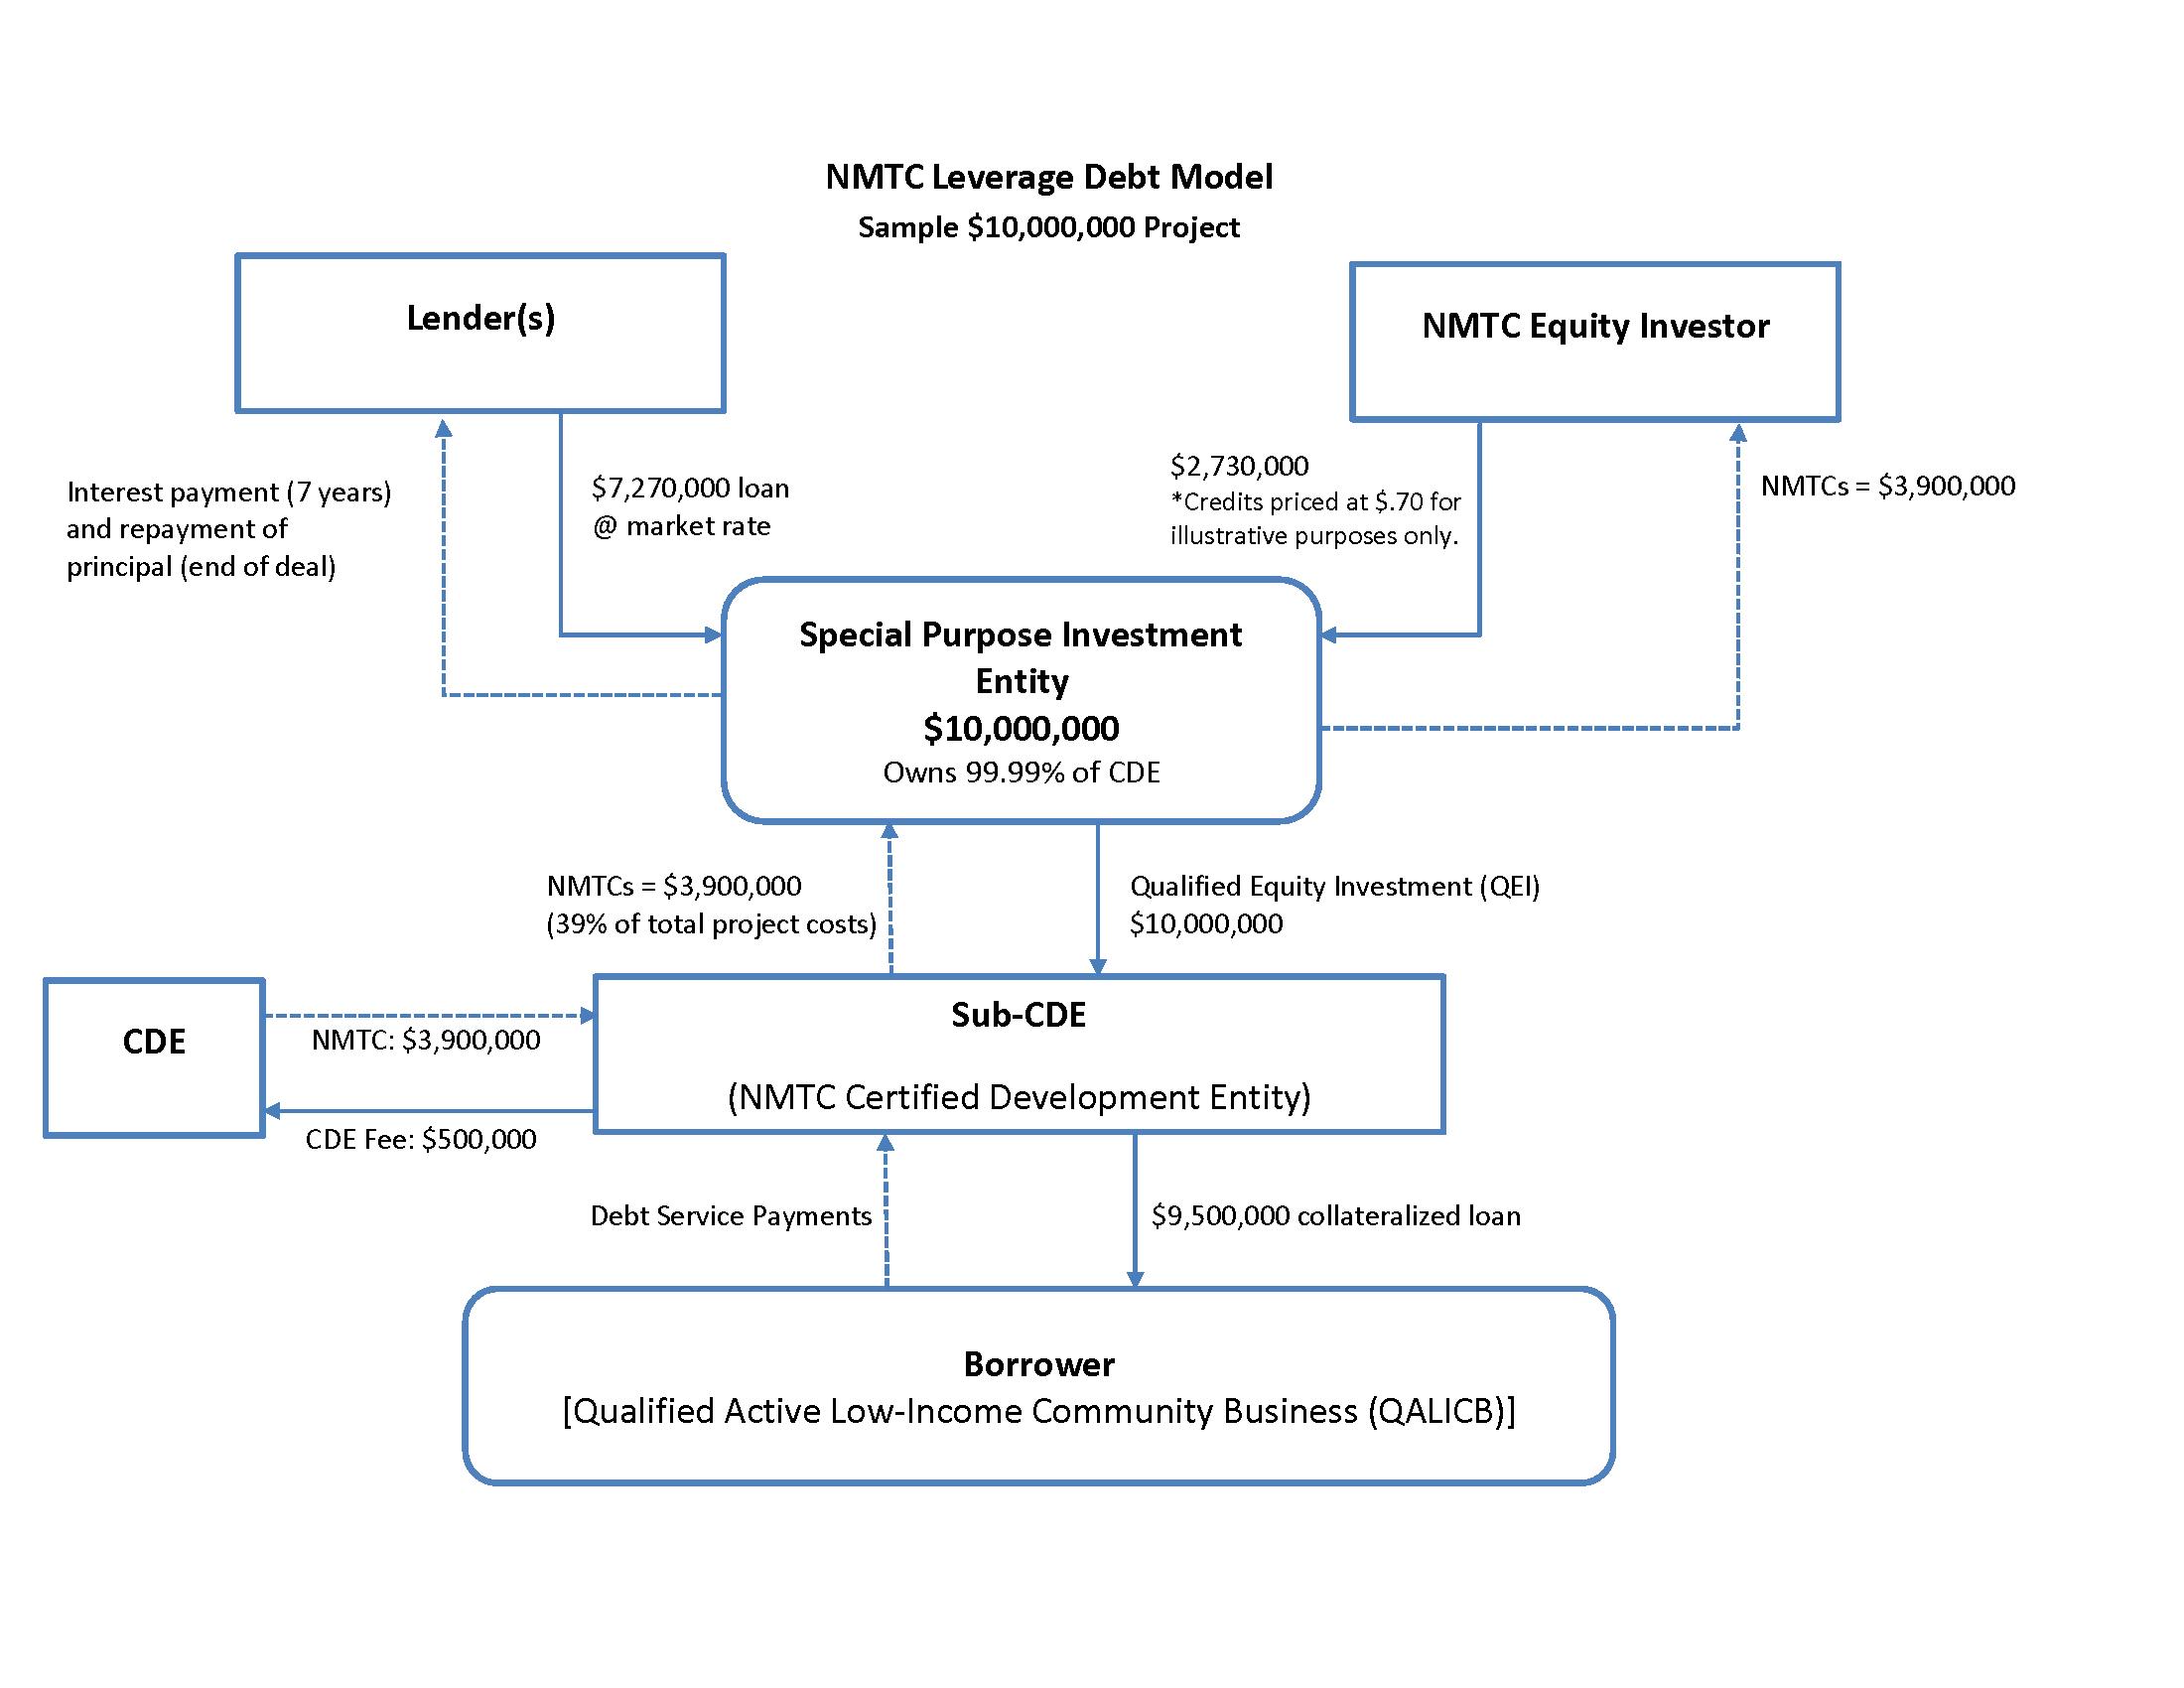 NMTC Model